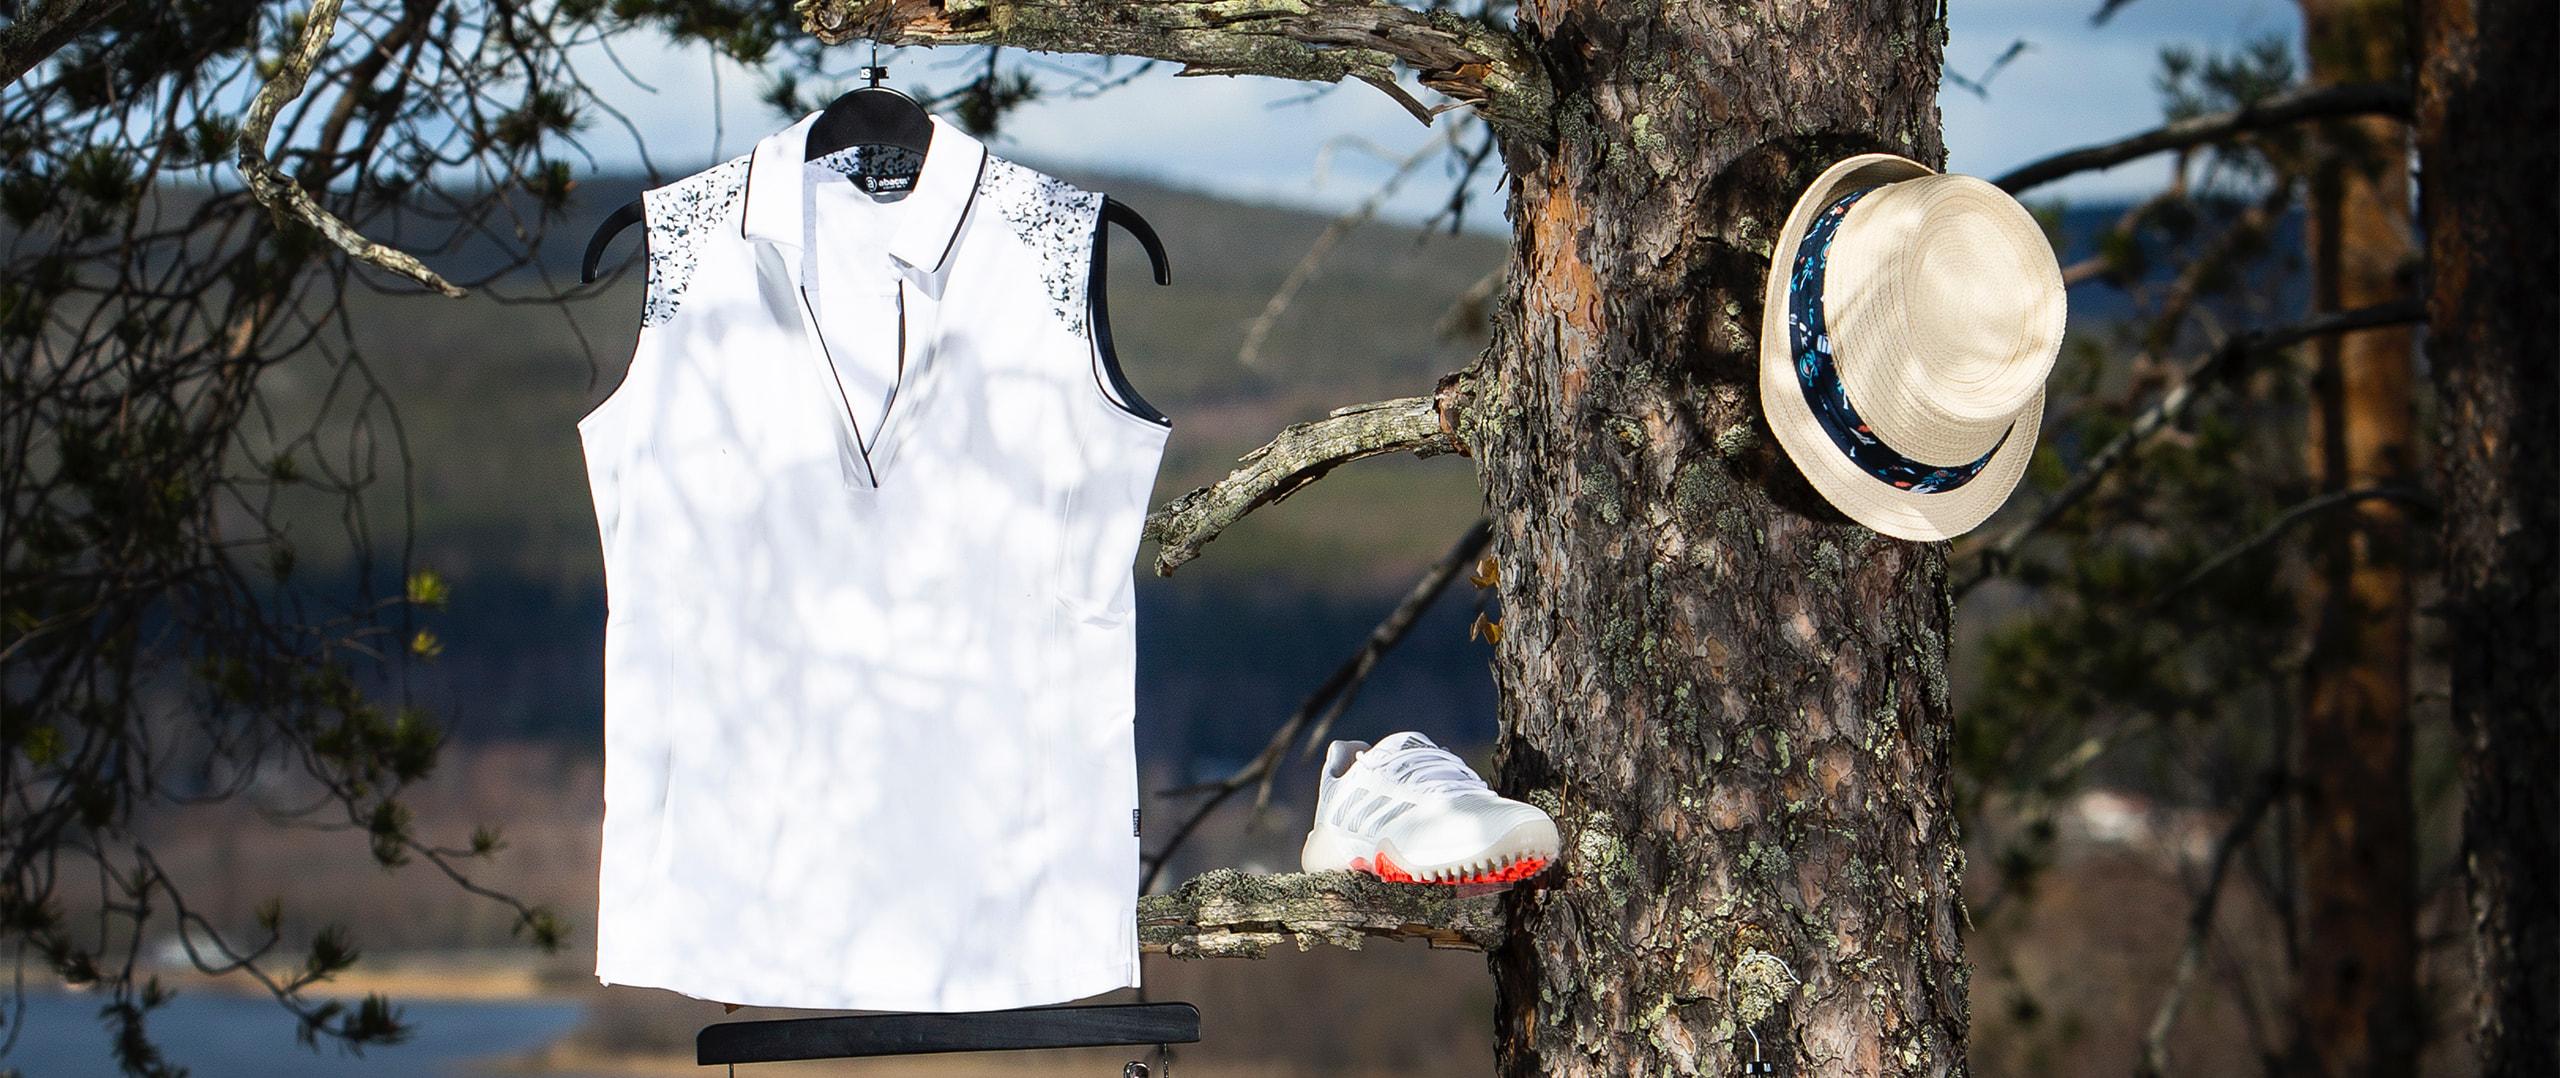 Golfkläder från proshop